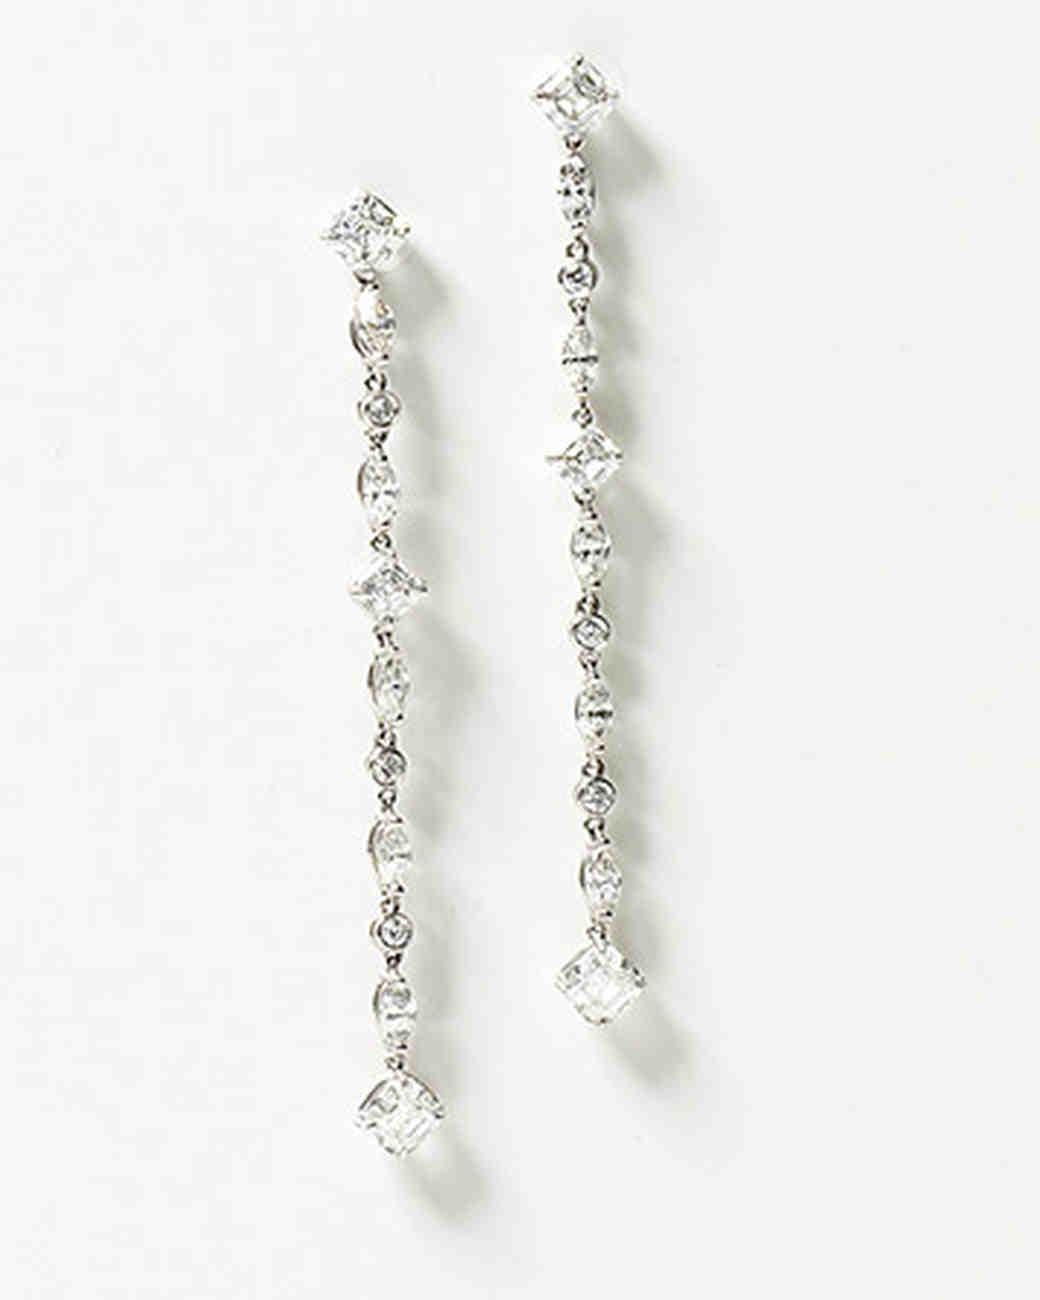 wd104606_spr09_jewelry52.jpg